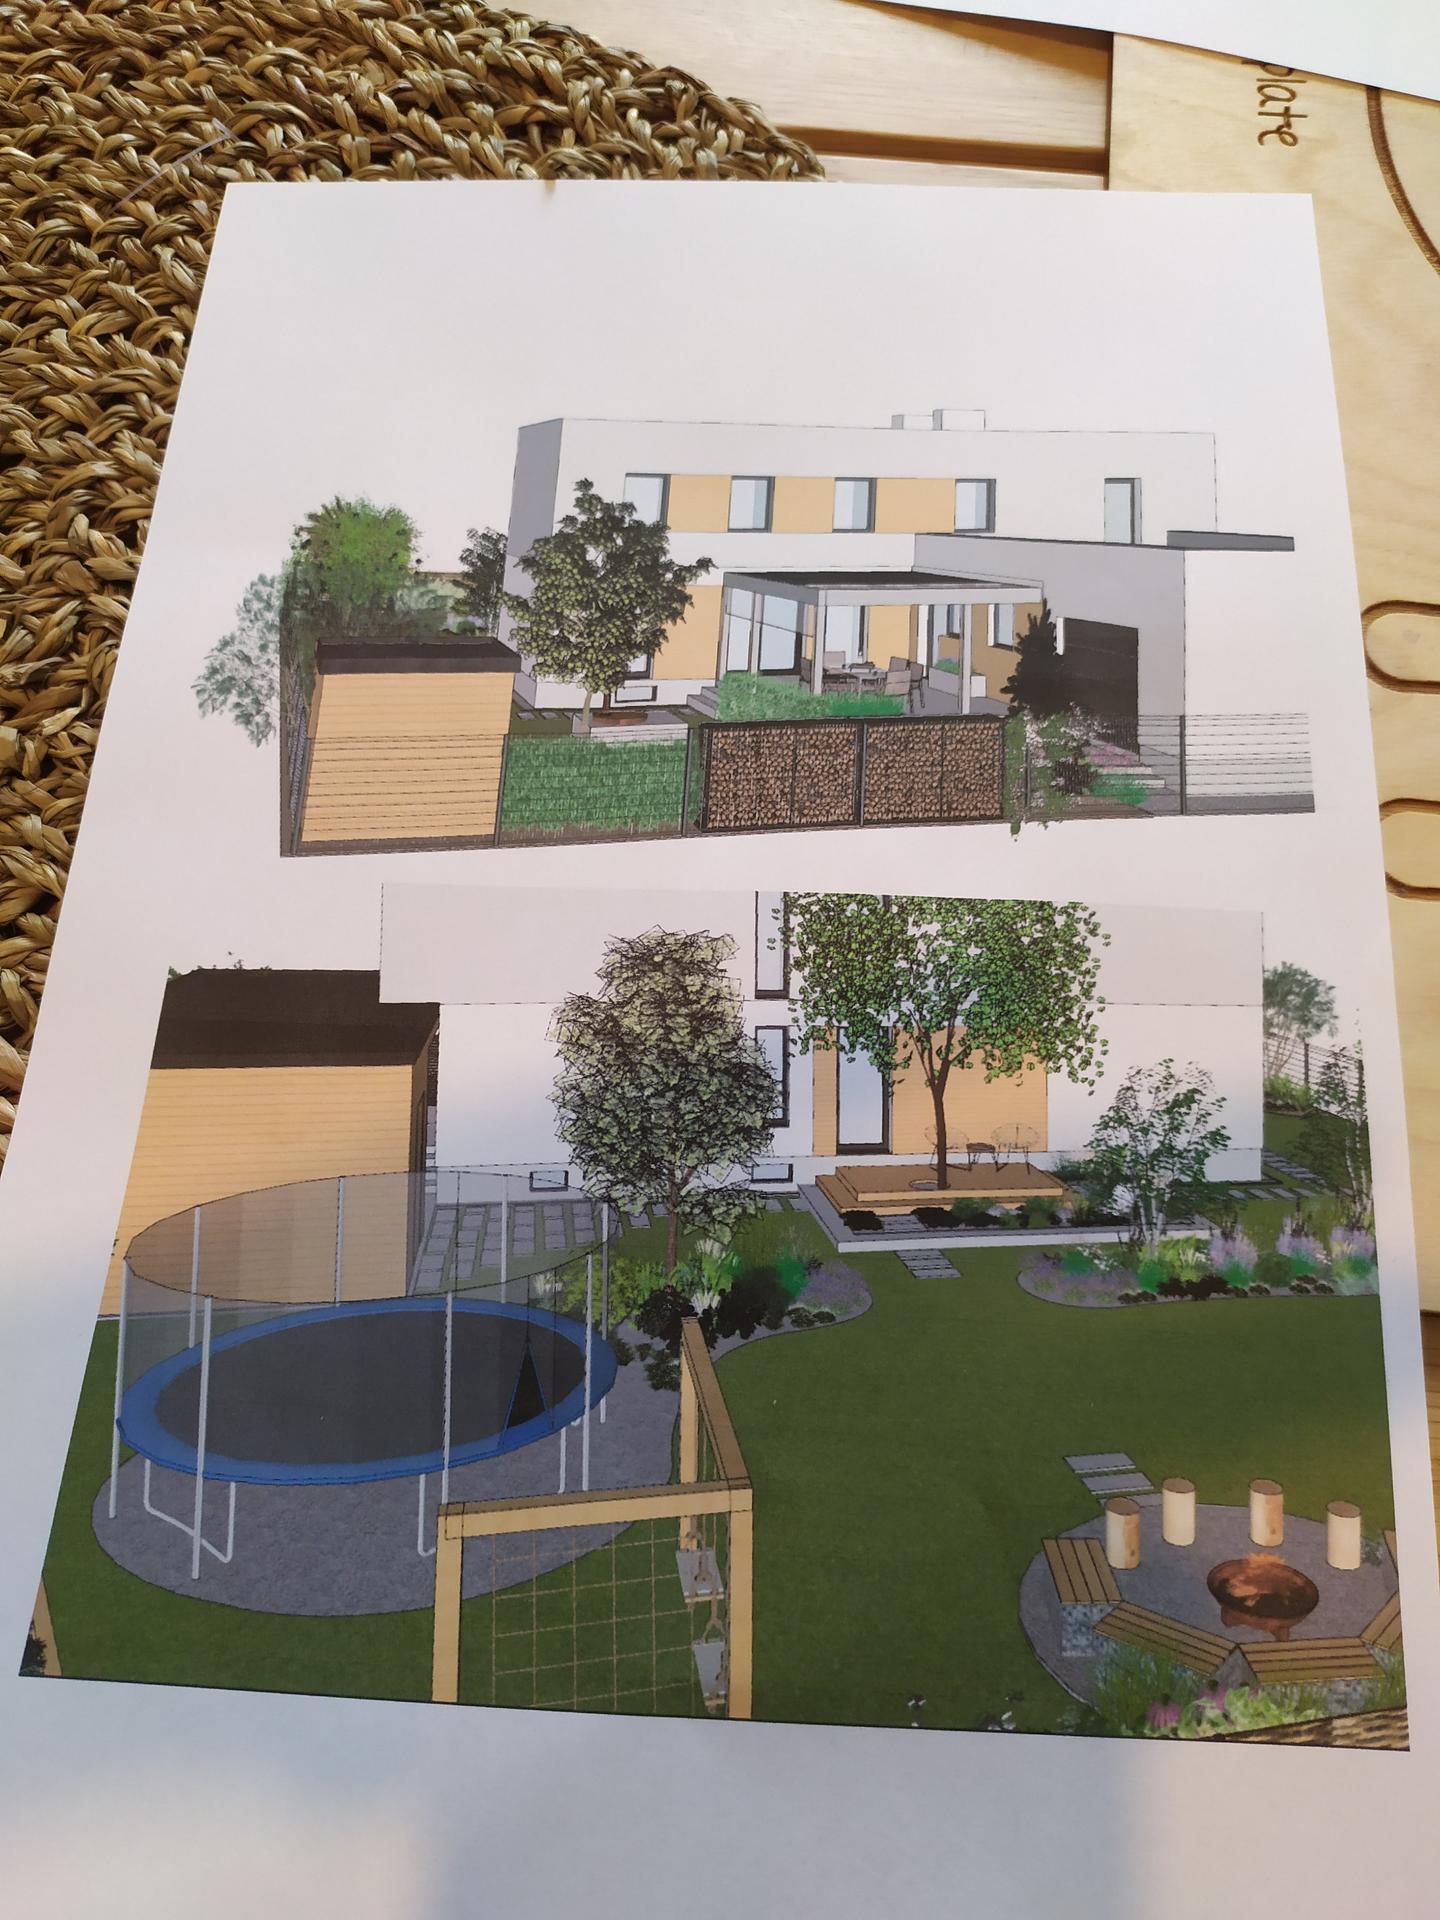 Riesime umiestnenie dreva na fasadu. co poviete? tu prednu cast nevieme rozhodnut - Obrázok č. 3